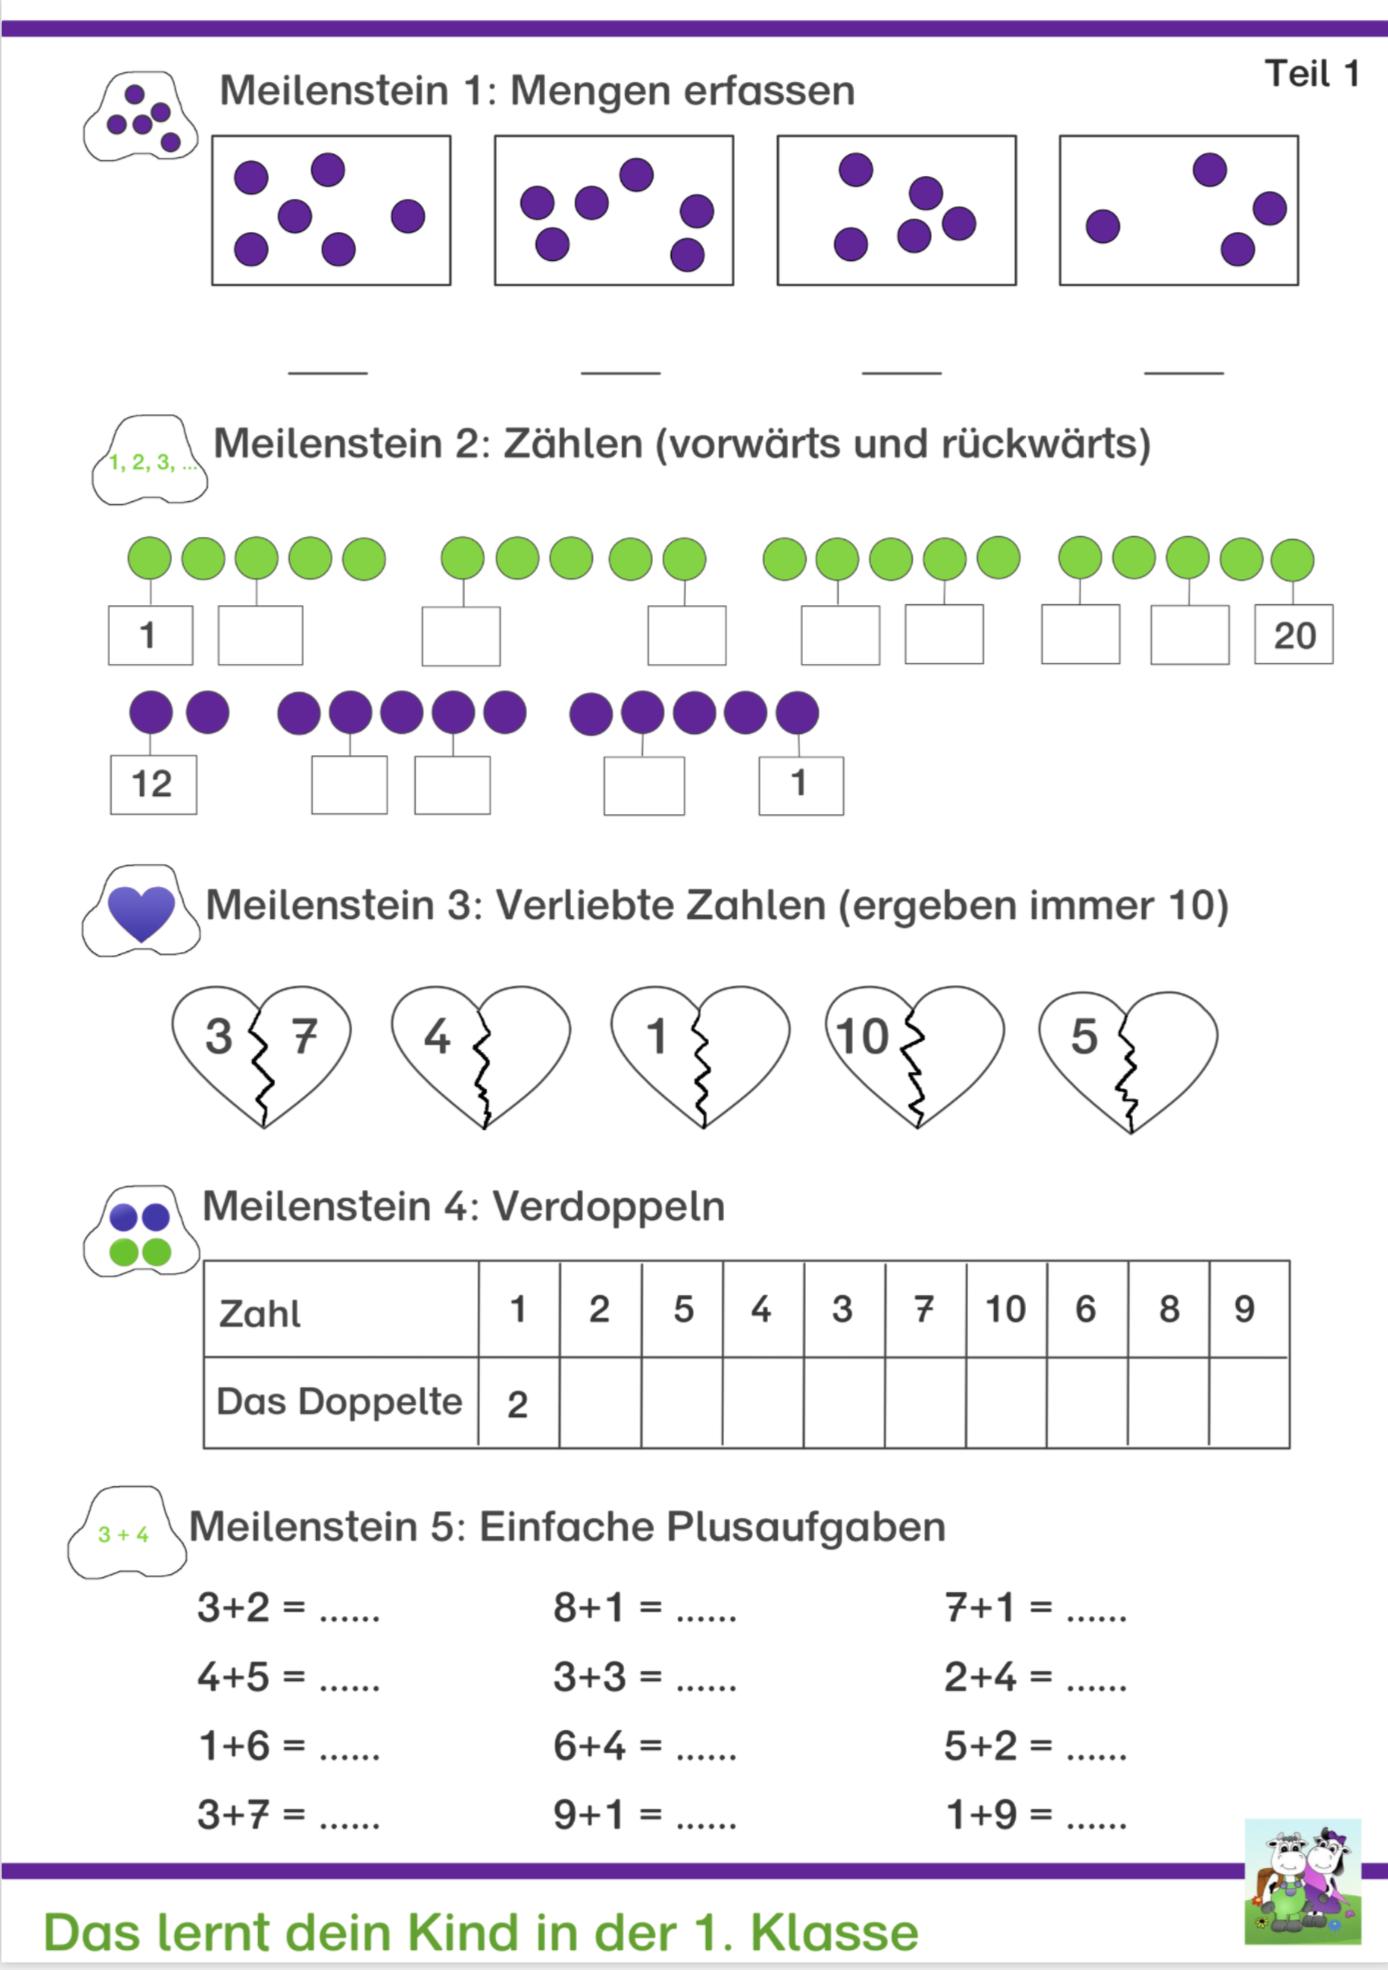 Kostenlose Arbeitsblätter Für Mathe Klasse 1 In 2020 (Mit mit Übungsaufgaben 1 Klasse Kostenlos